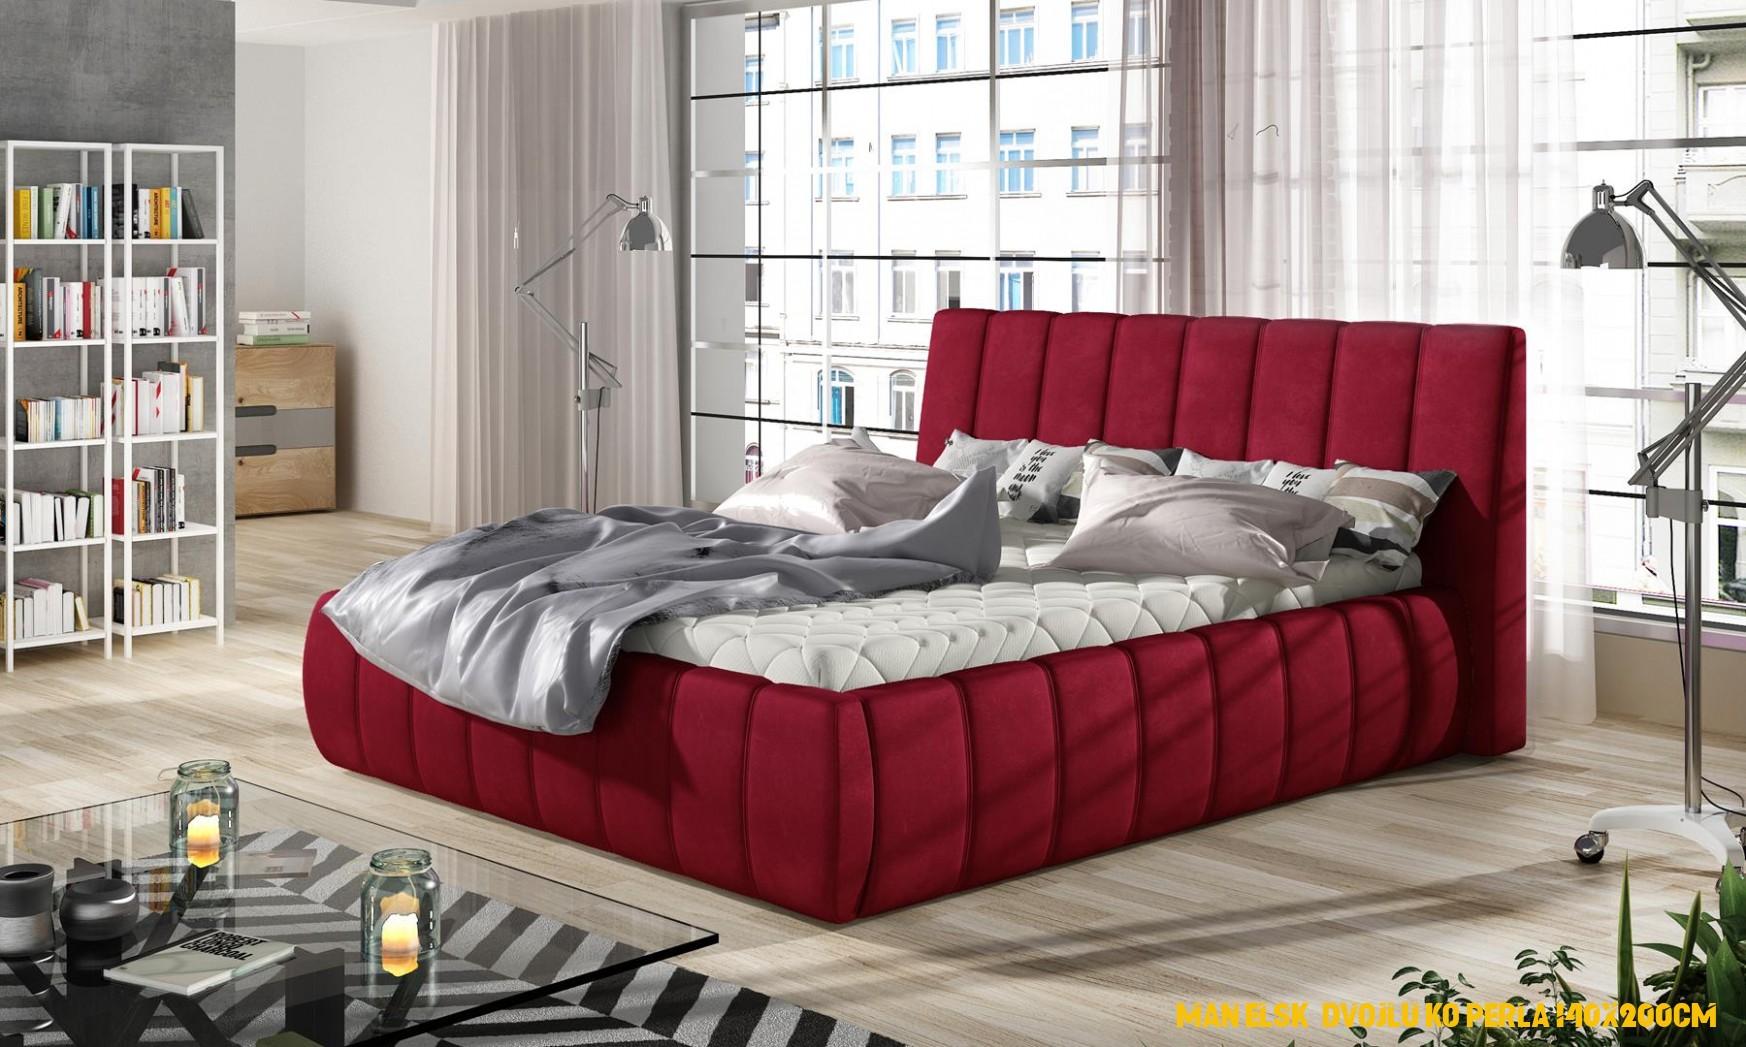 Manzelske postele eko kuze levně | Mobilmania zboží